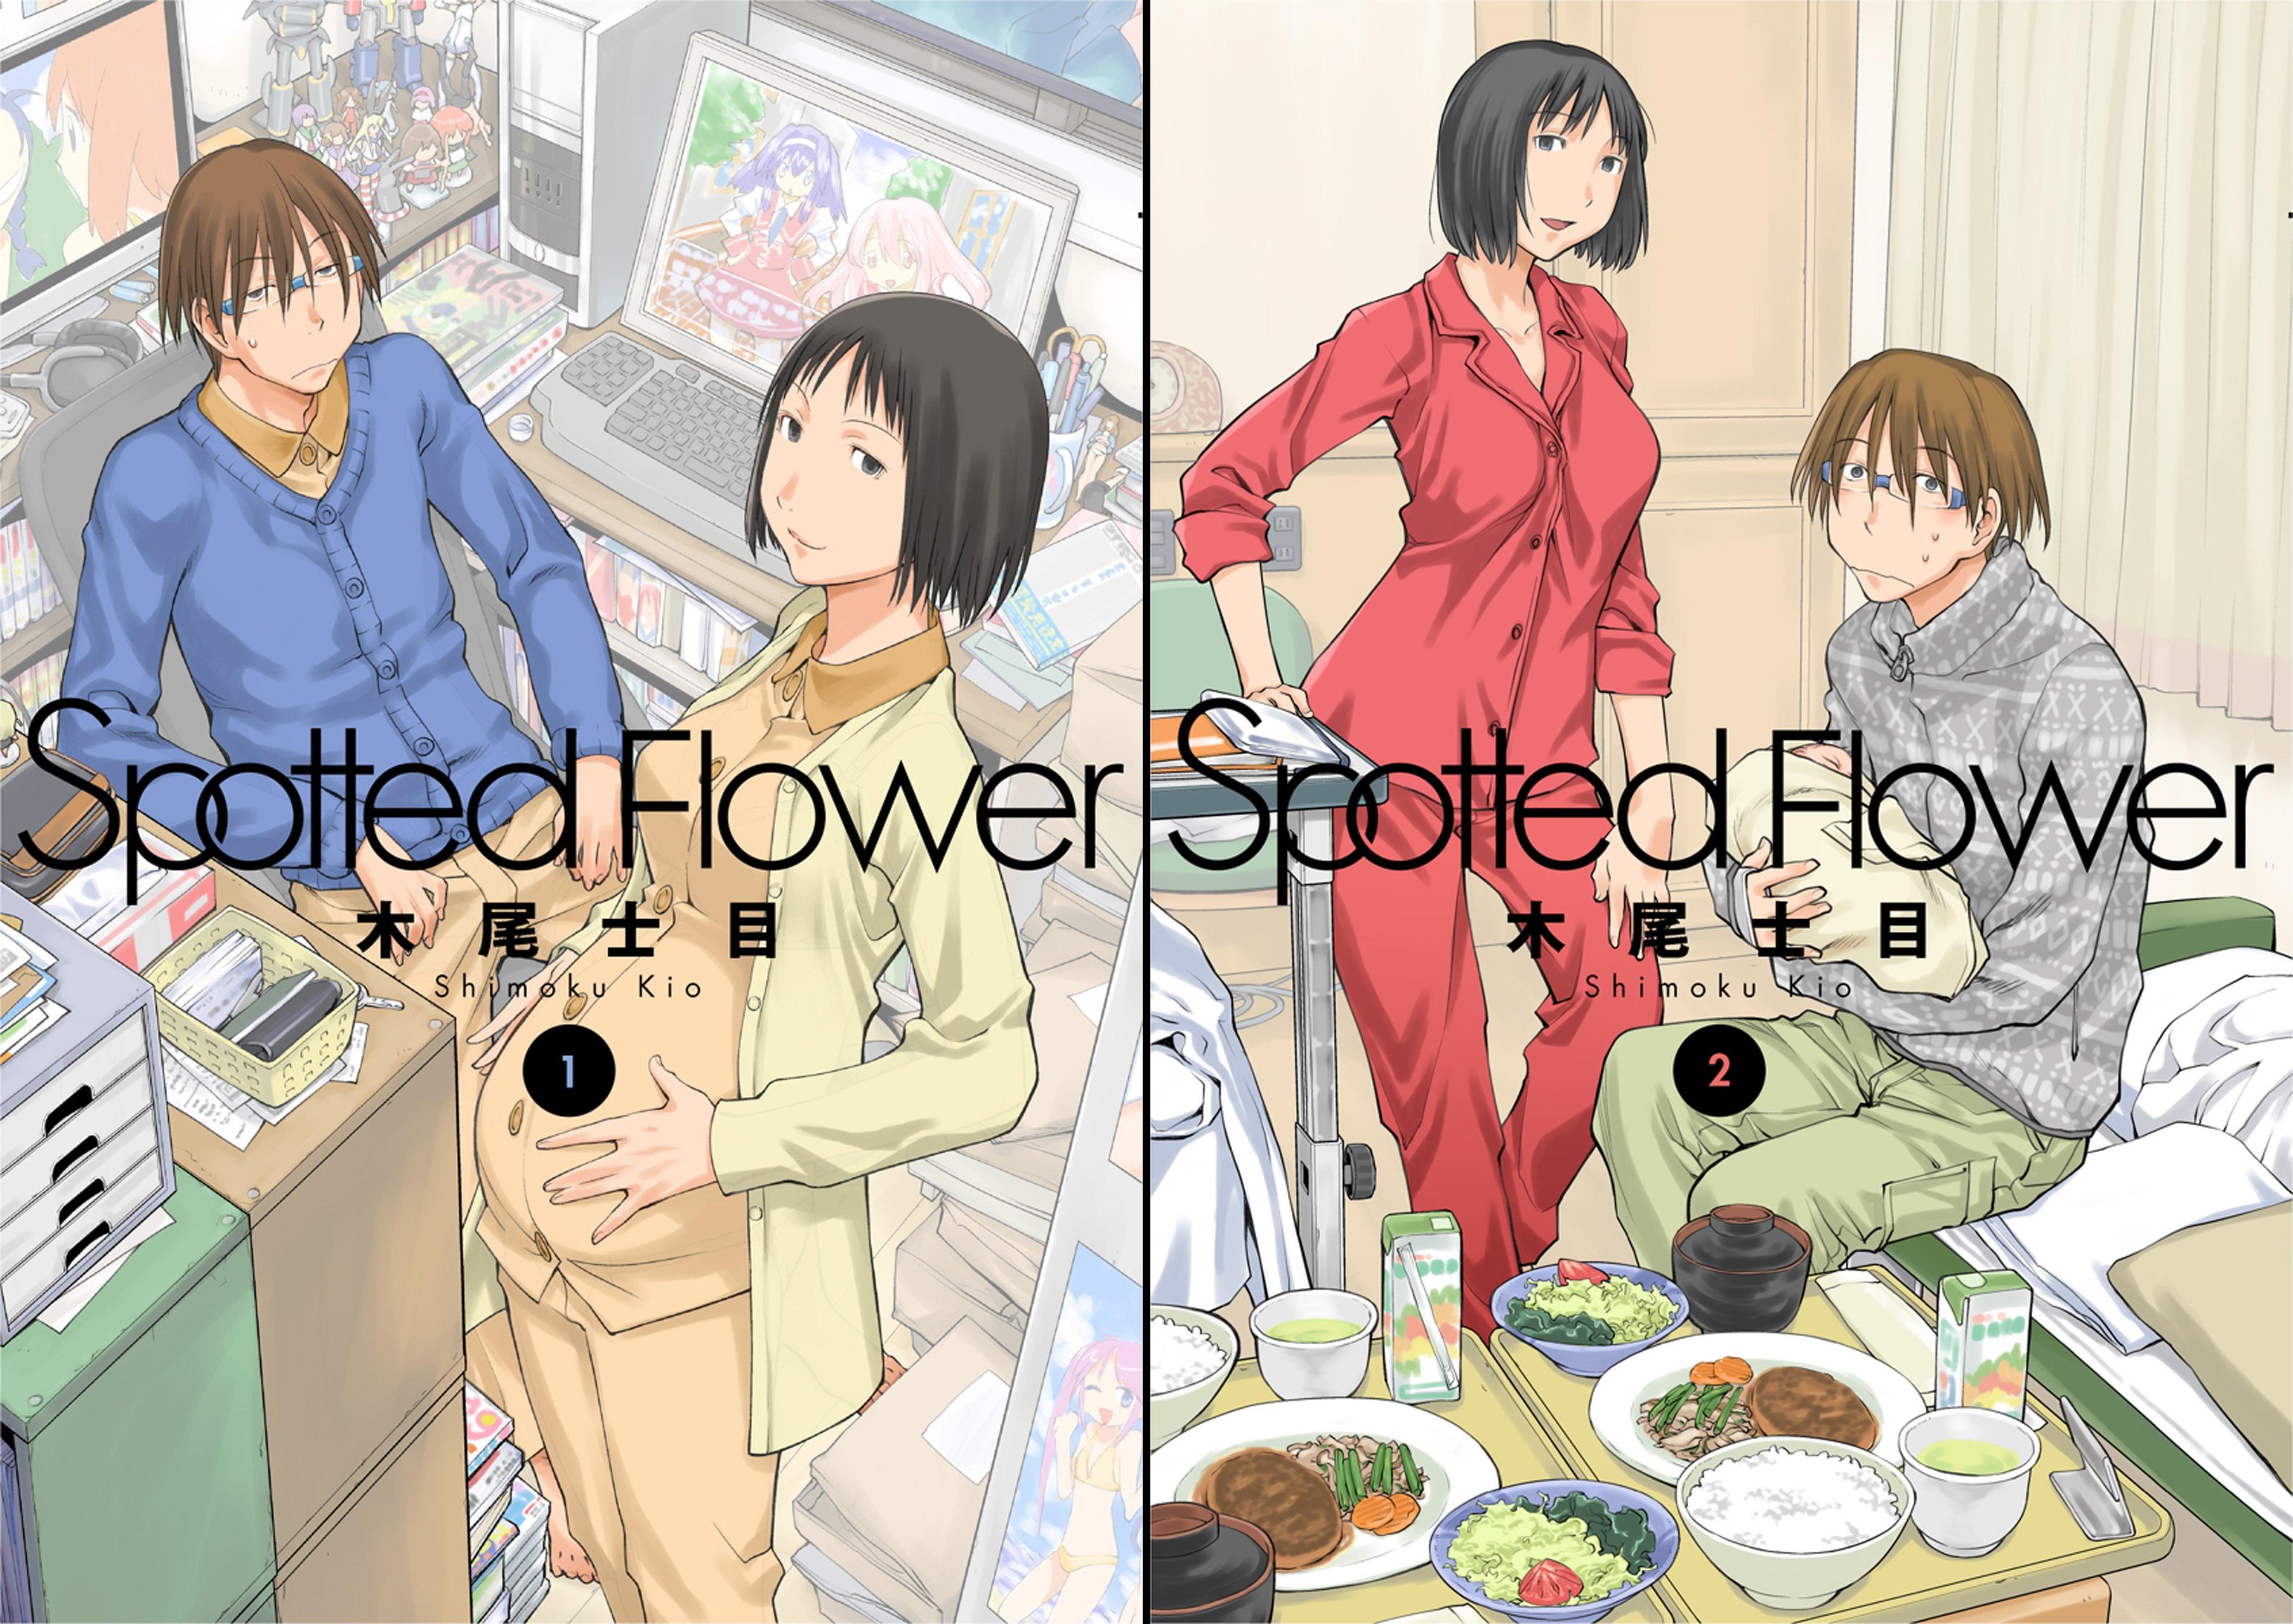 [まとめ買い] Spotted Flower(楽園コミックス)